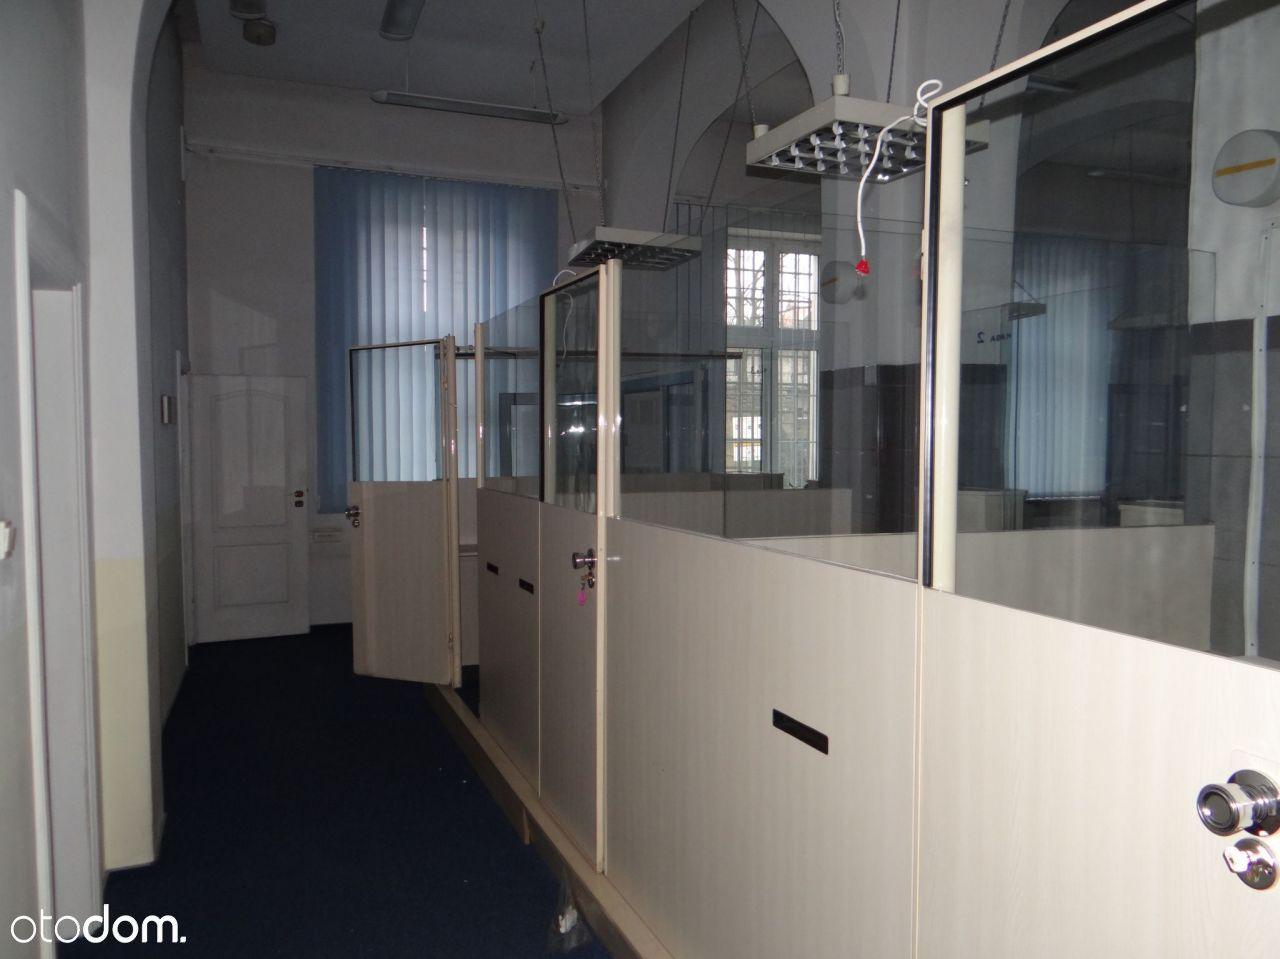 Lokal użytkowy na sprzedaż, Kościerzyna, kościerski, pomorskie - Foto 1